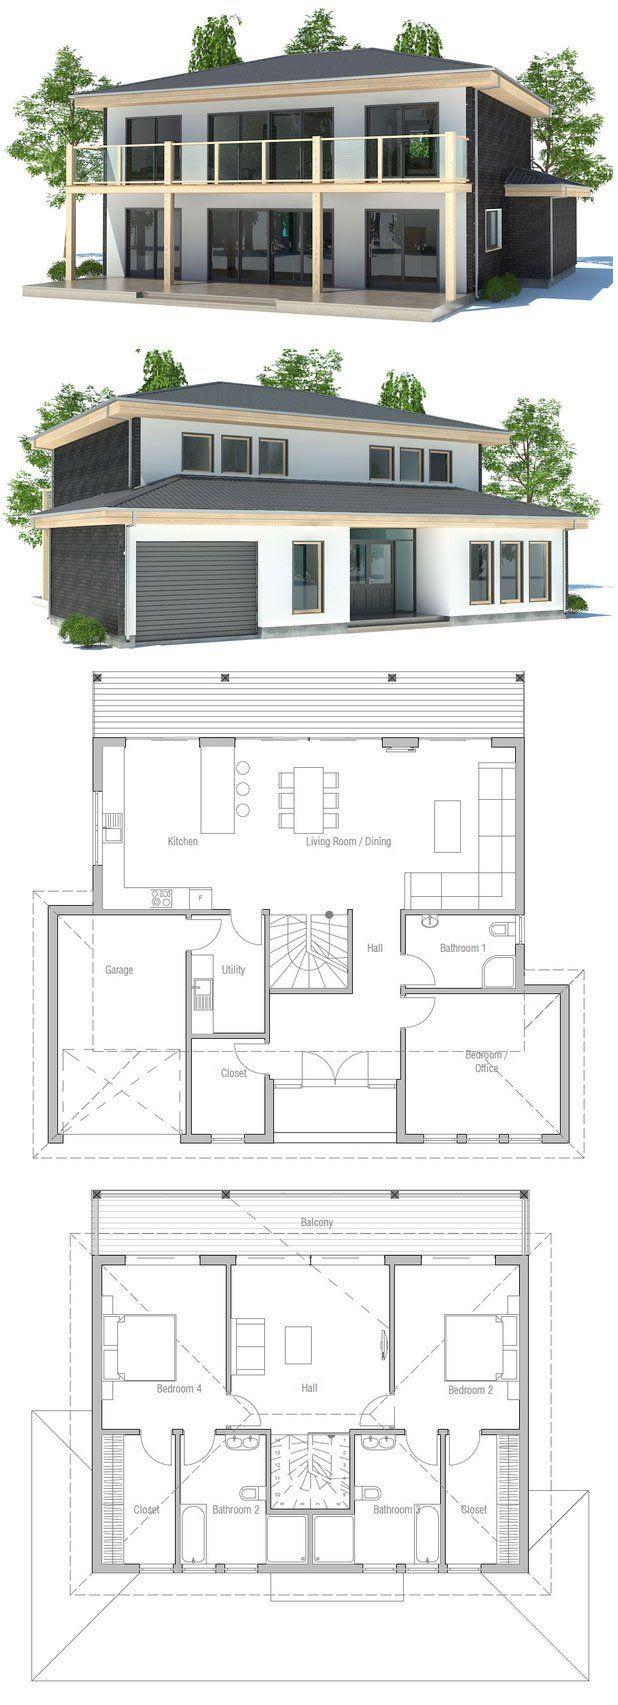 Grundrisse irgendwann einfache hauspläne moderne häuser home projekte moderne architektur kleines haus moderne grundrisse autocad